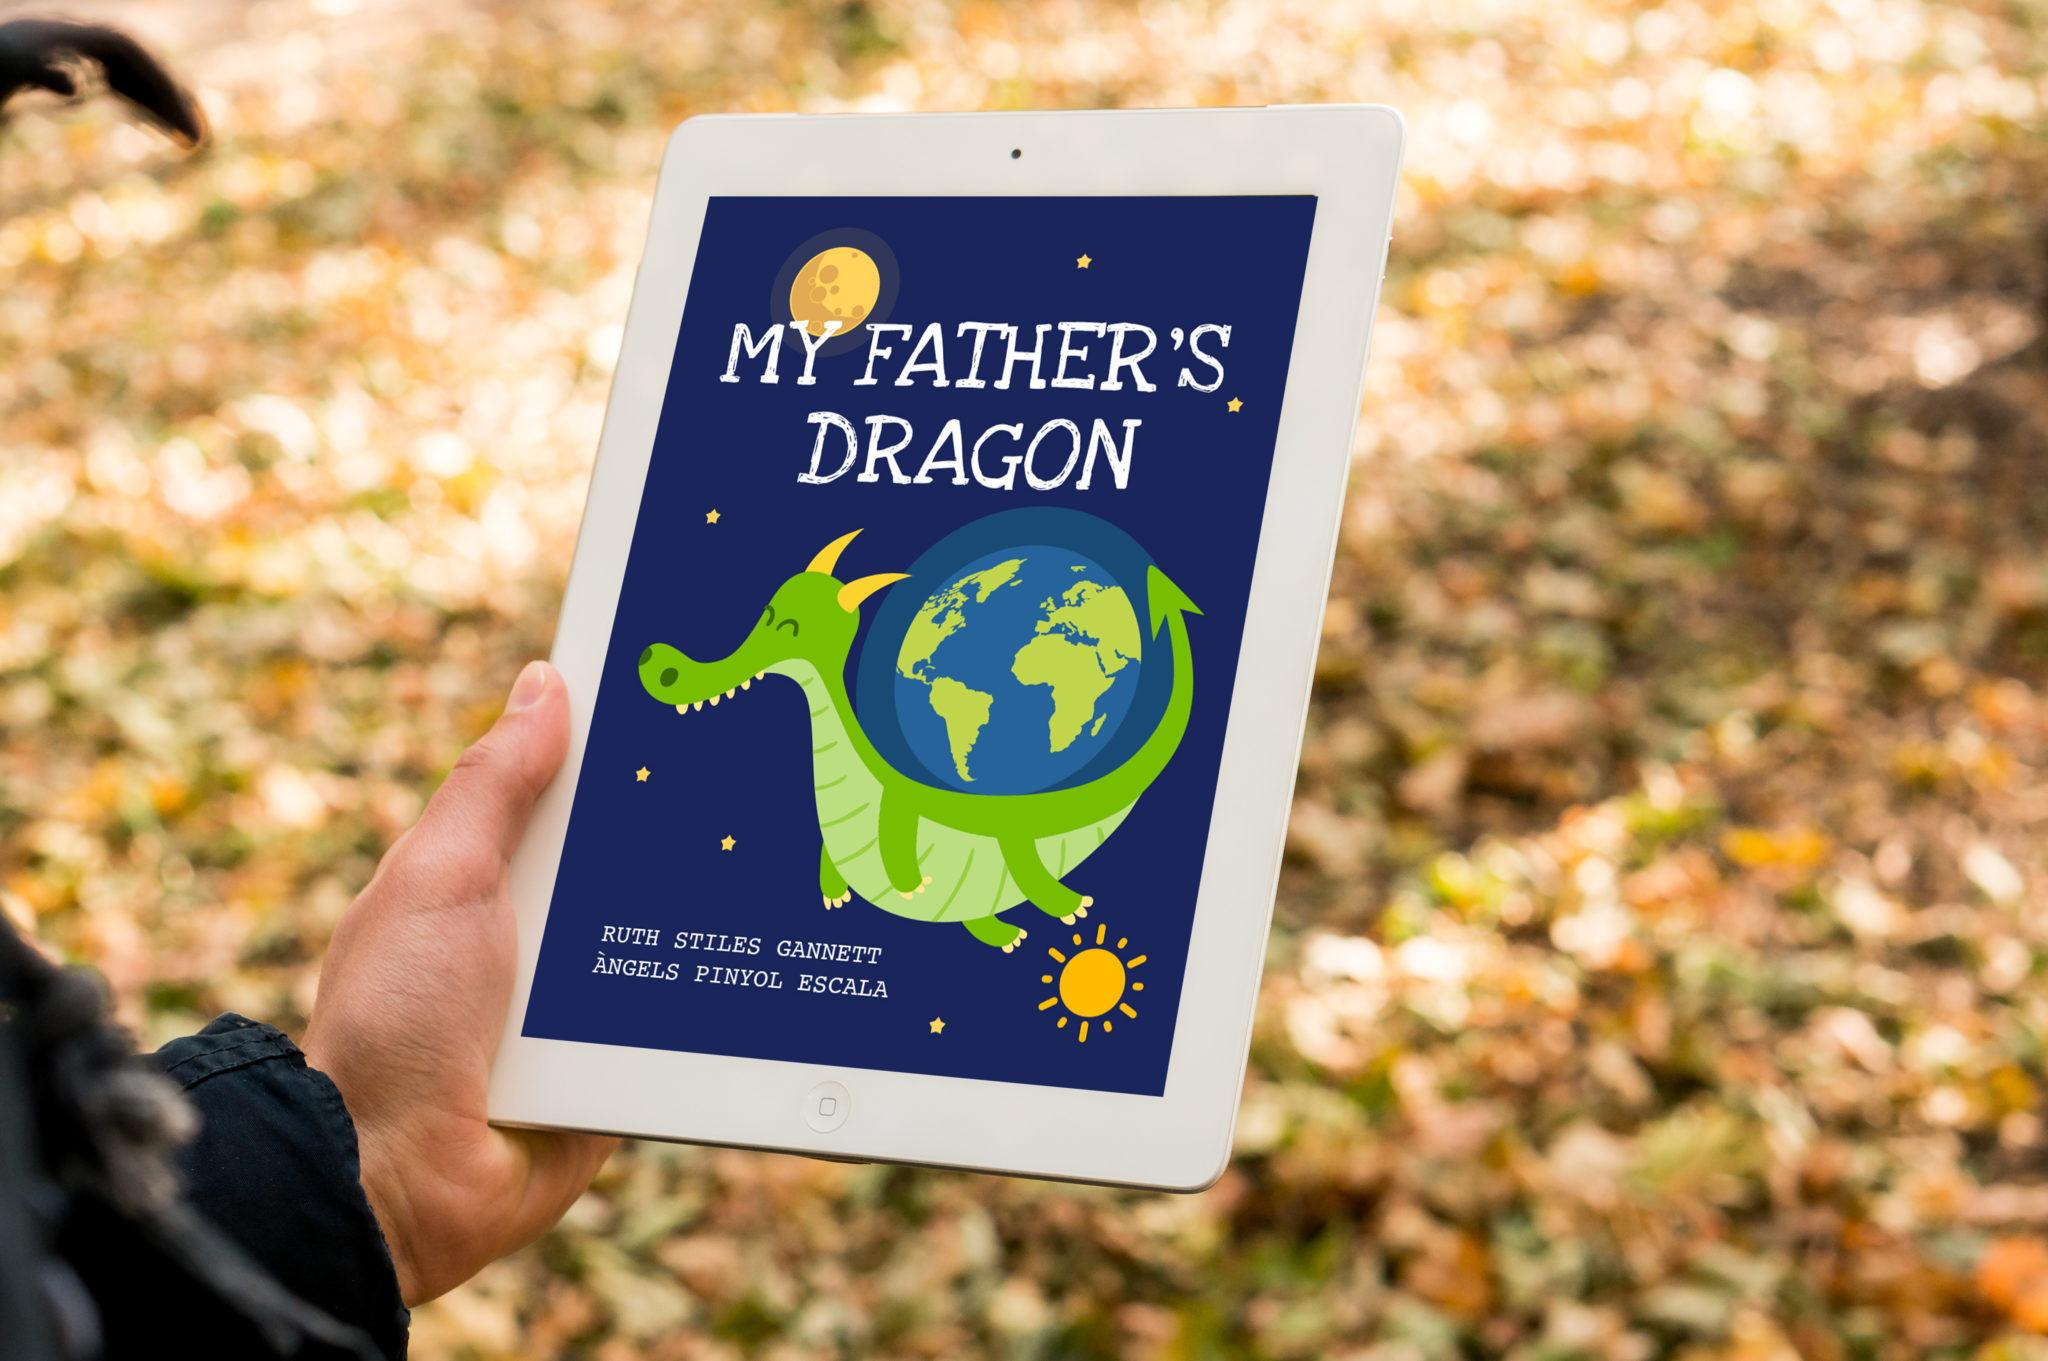 My fathers dragon 00 - MY FATHER'S DRAGON - Llibre infantil interactiu d'un drac del Penedès